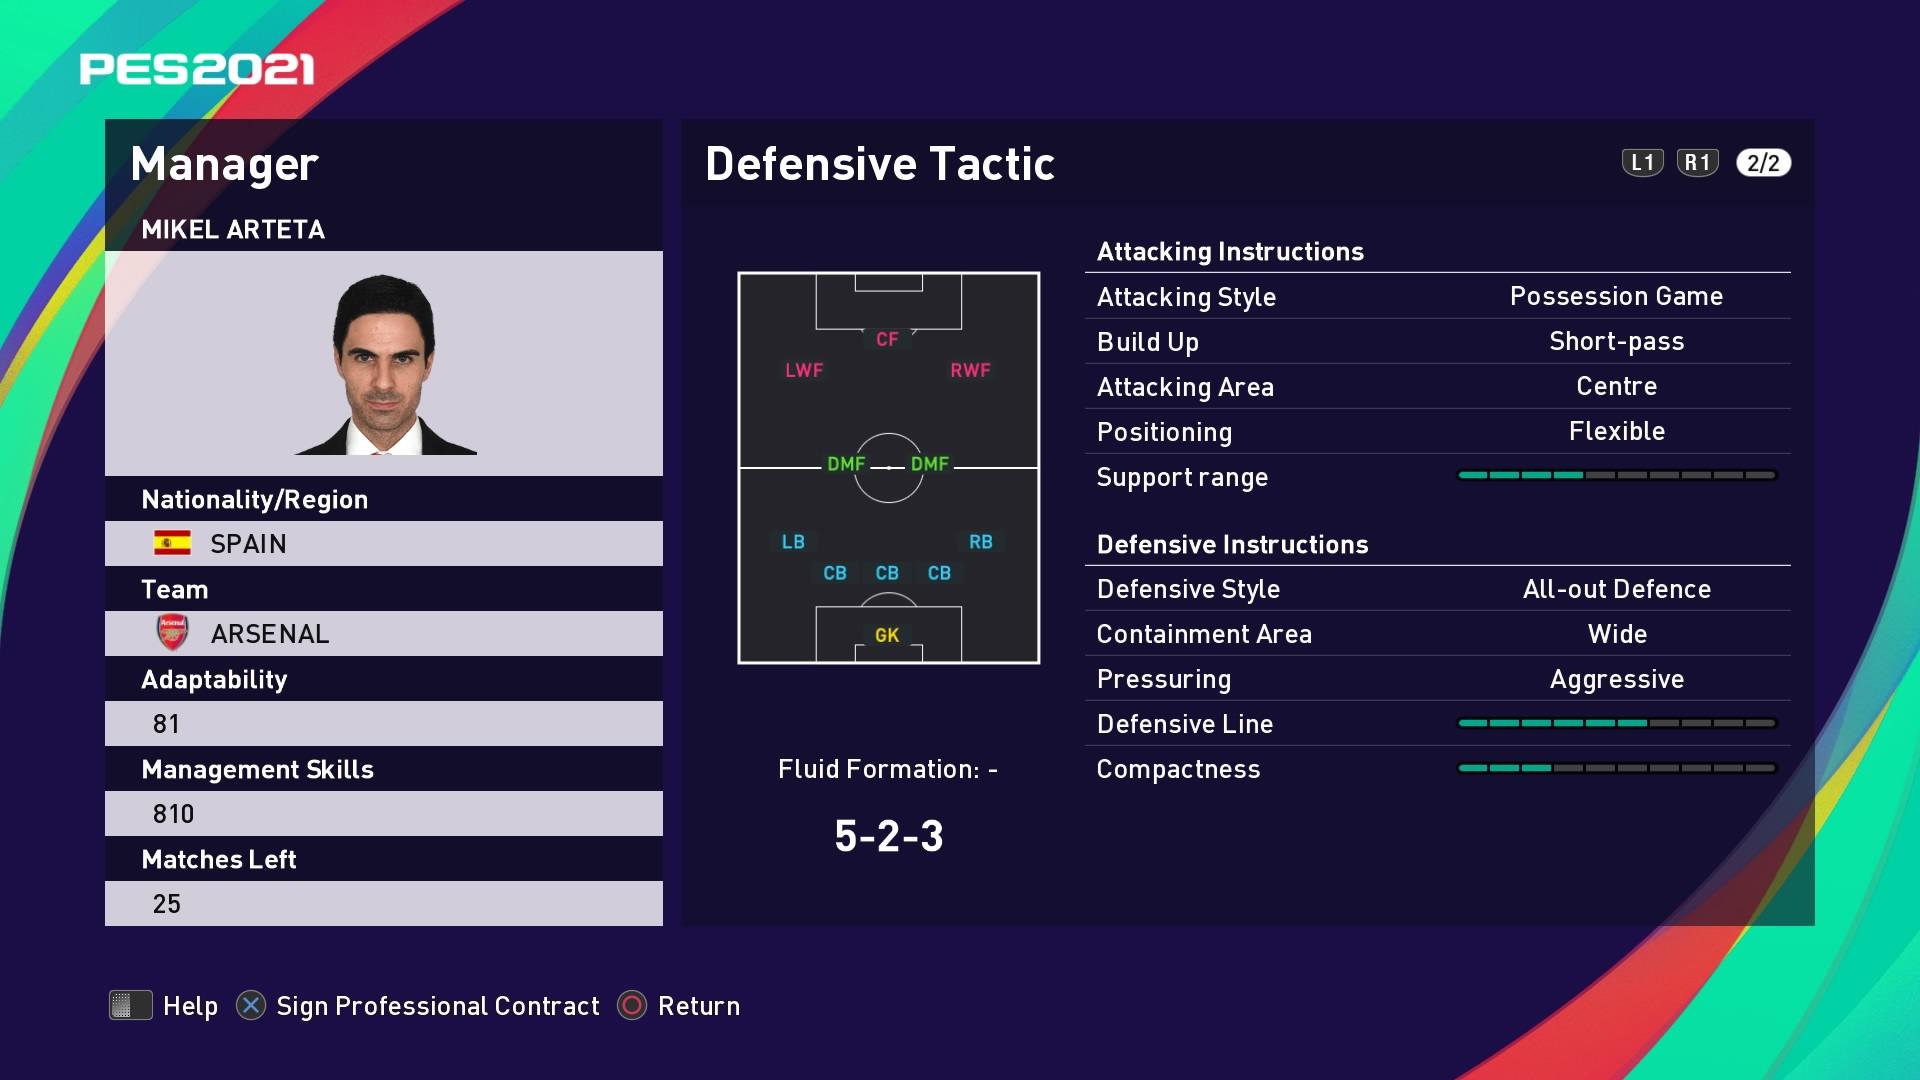 Mikel Arteta Defensive Tactic in PES 2021 myClub